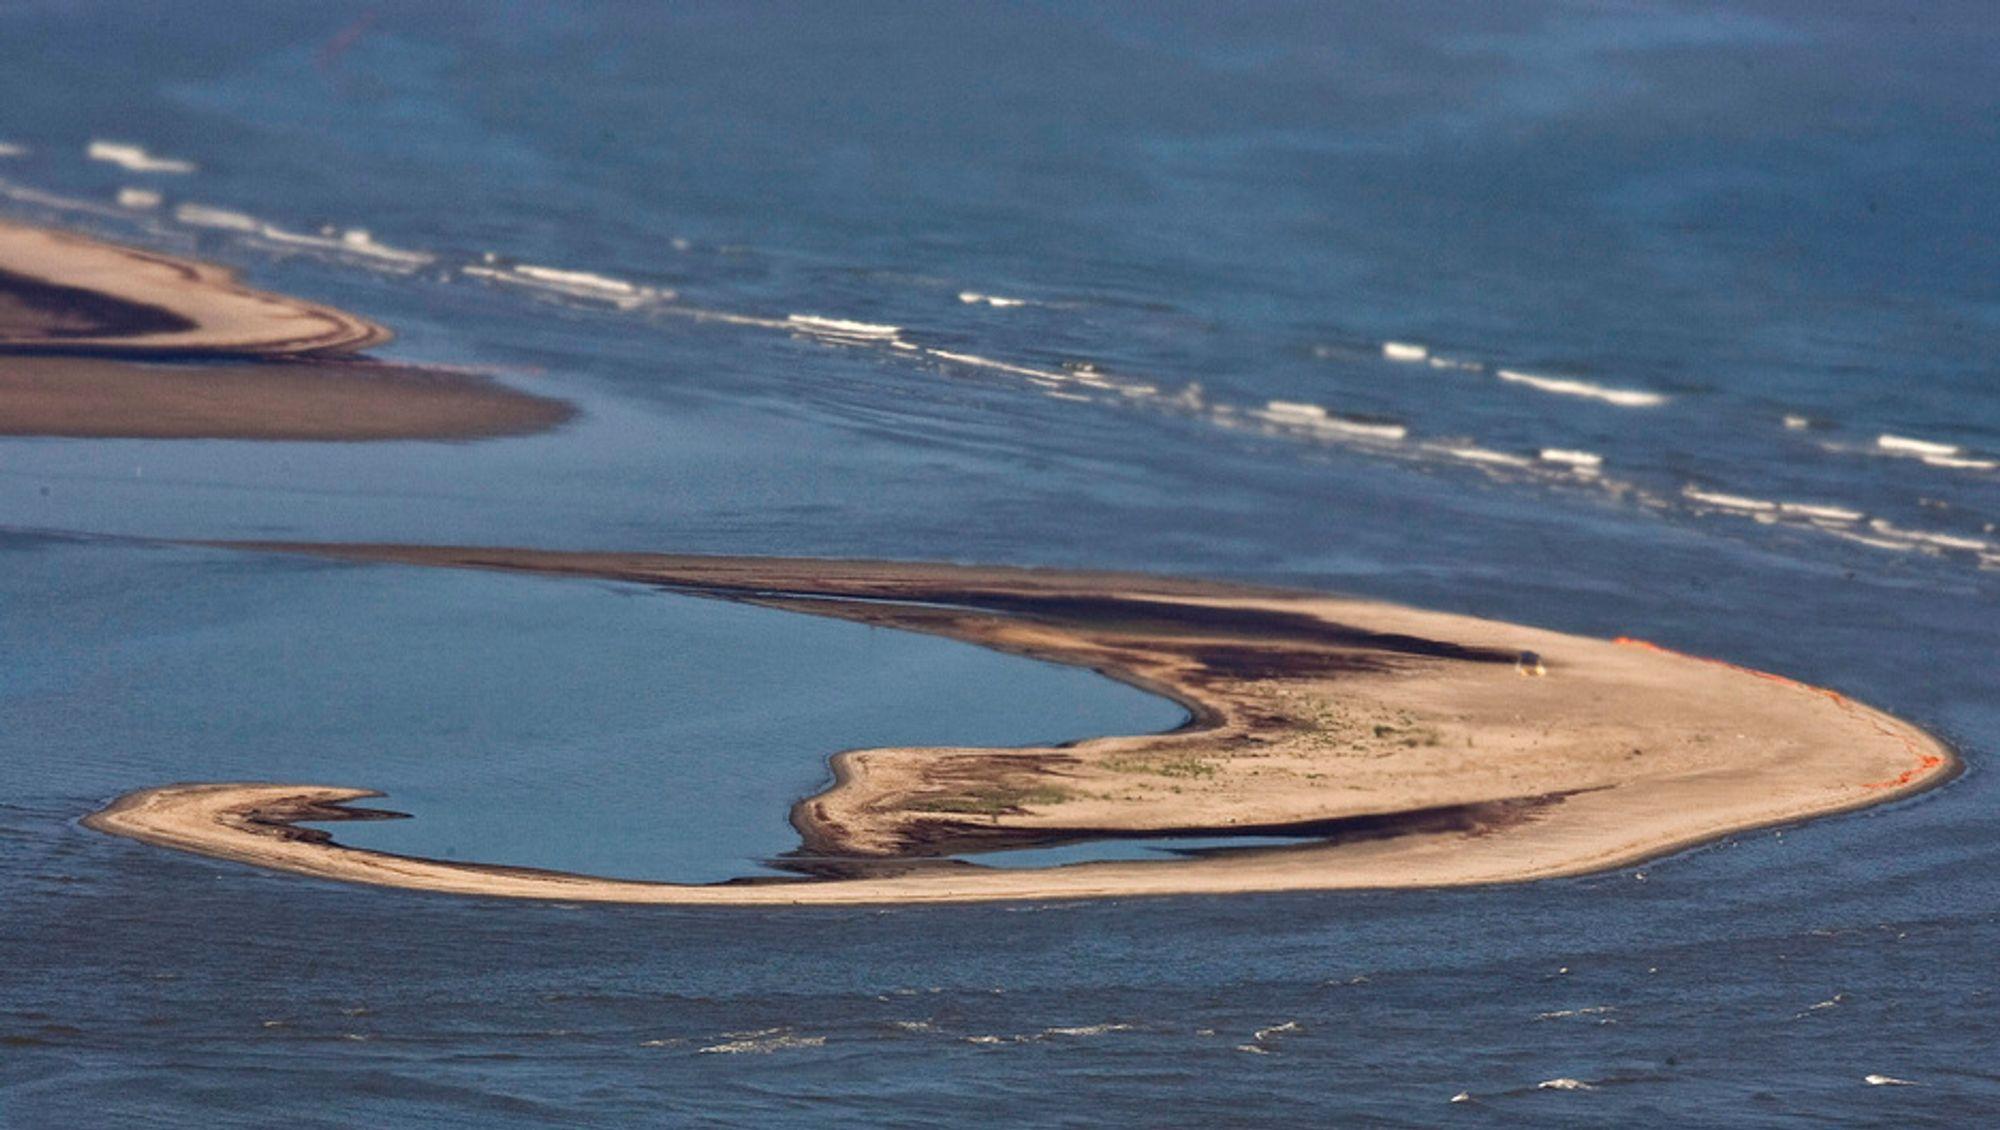 En sandbanke i South Pass i delstaten Louisiana er dekket av olje. Én måned etter eksplosjonen på oljeplattformen Deepwater Horizon lekker det fortsatt store mengder olje ut i Mexicogolfen.